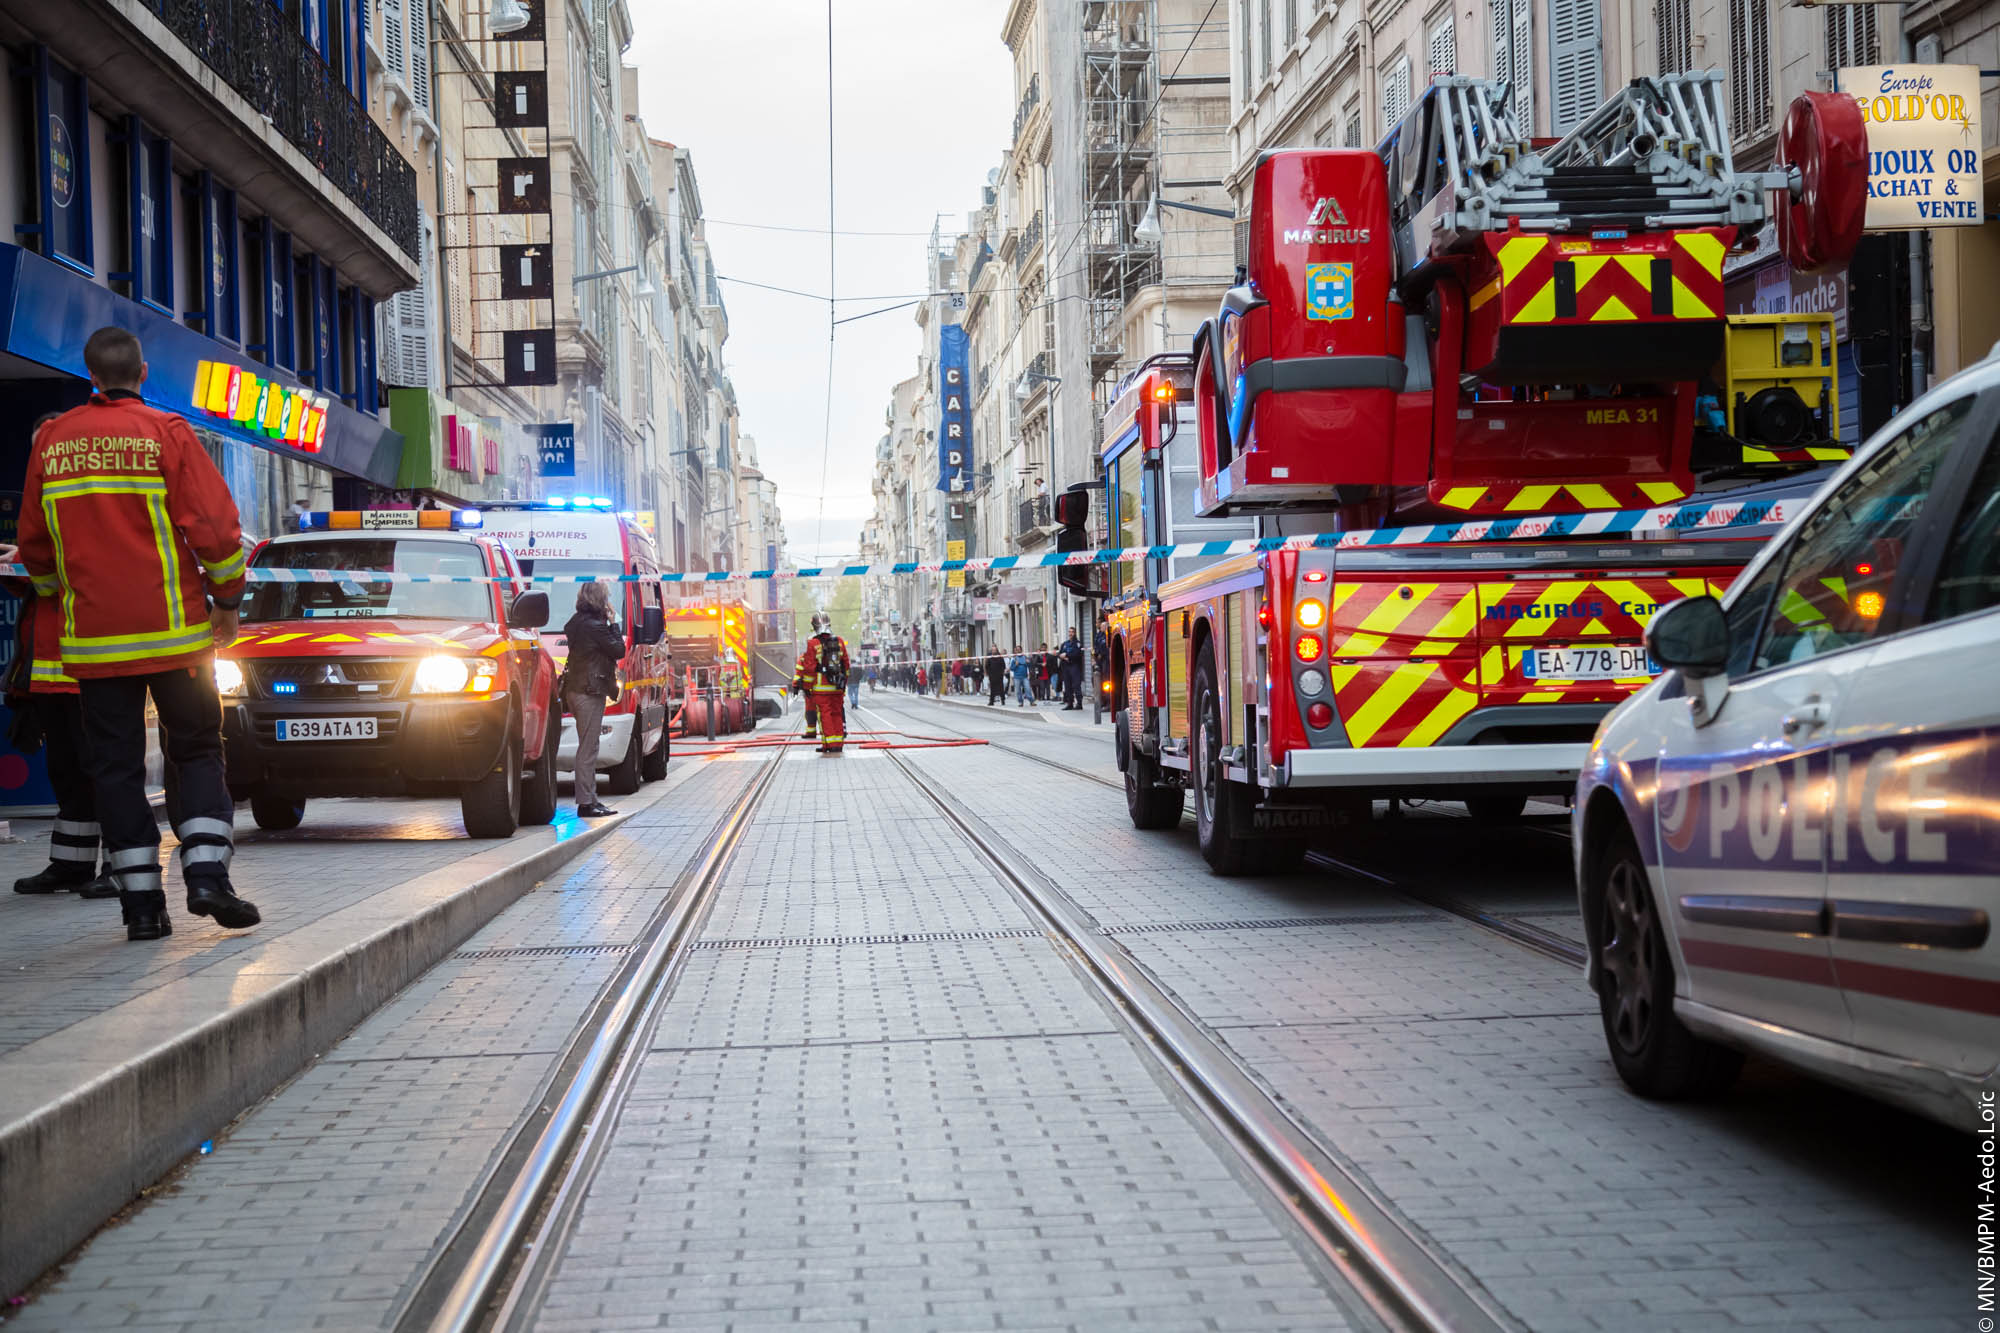 marseille 13 cinq personnes bloqu es derri re le rideau m tallique d 39 un magasin en feu. Black Bedroom Furniture Sets. Home Design Ideas